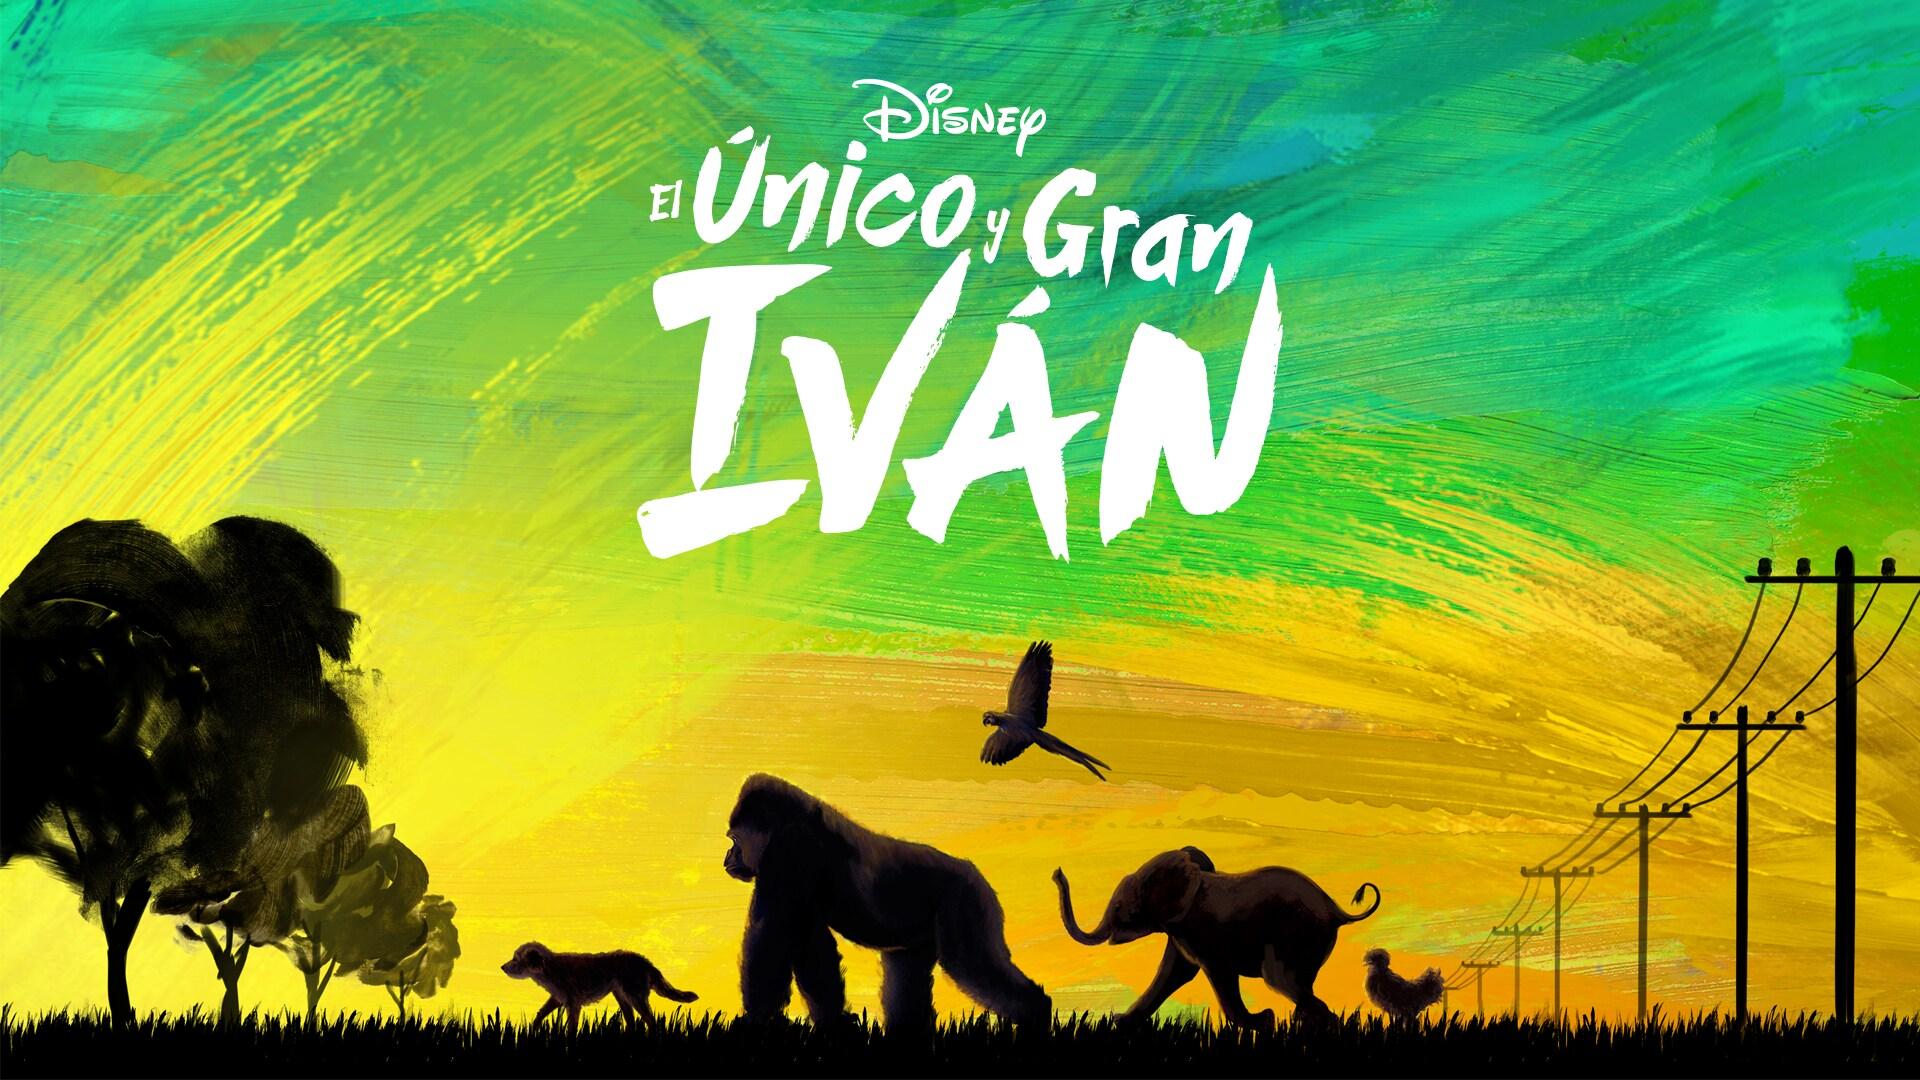 El único y gran Ivan | Disponible en Disney+